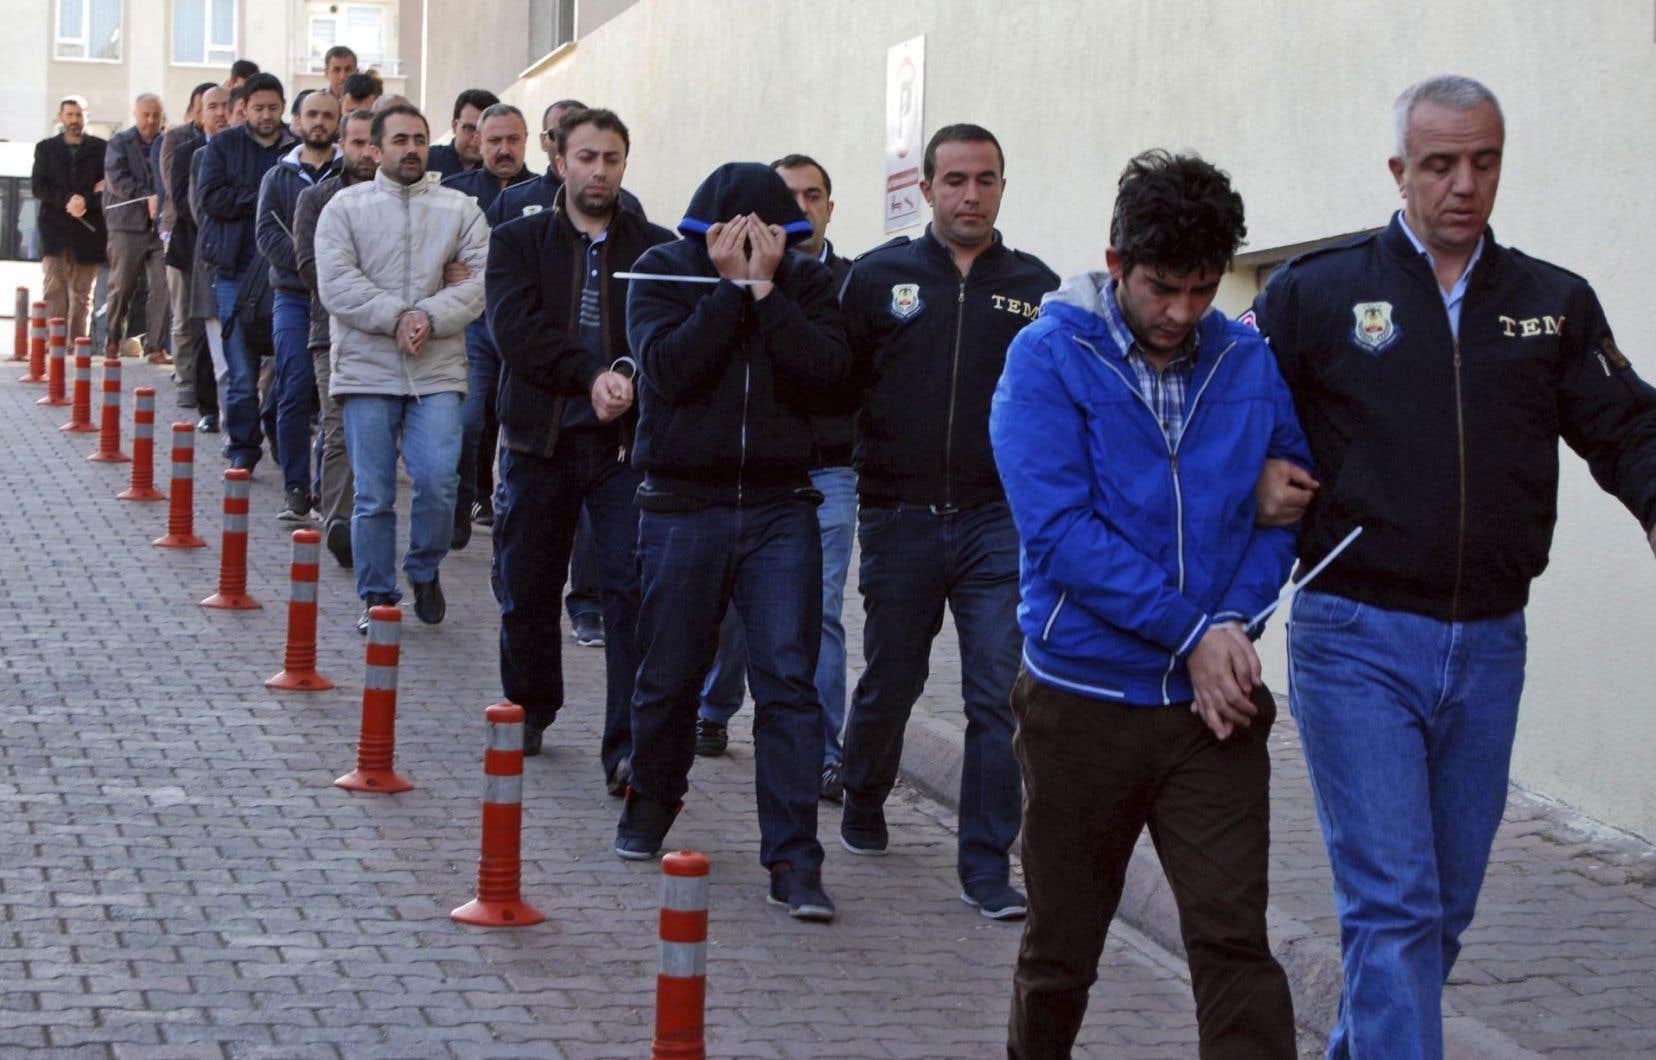 Des personnes arrêtées par les policiers, àKayseri, mercredi